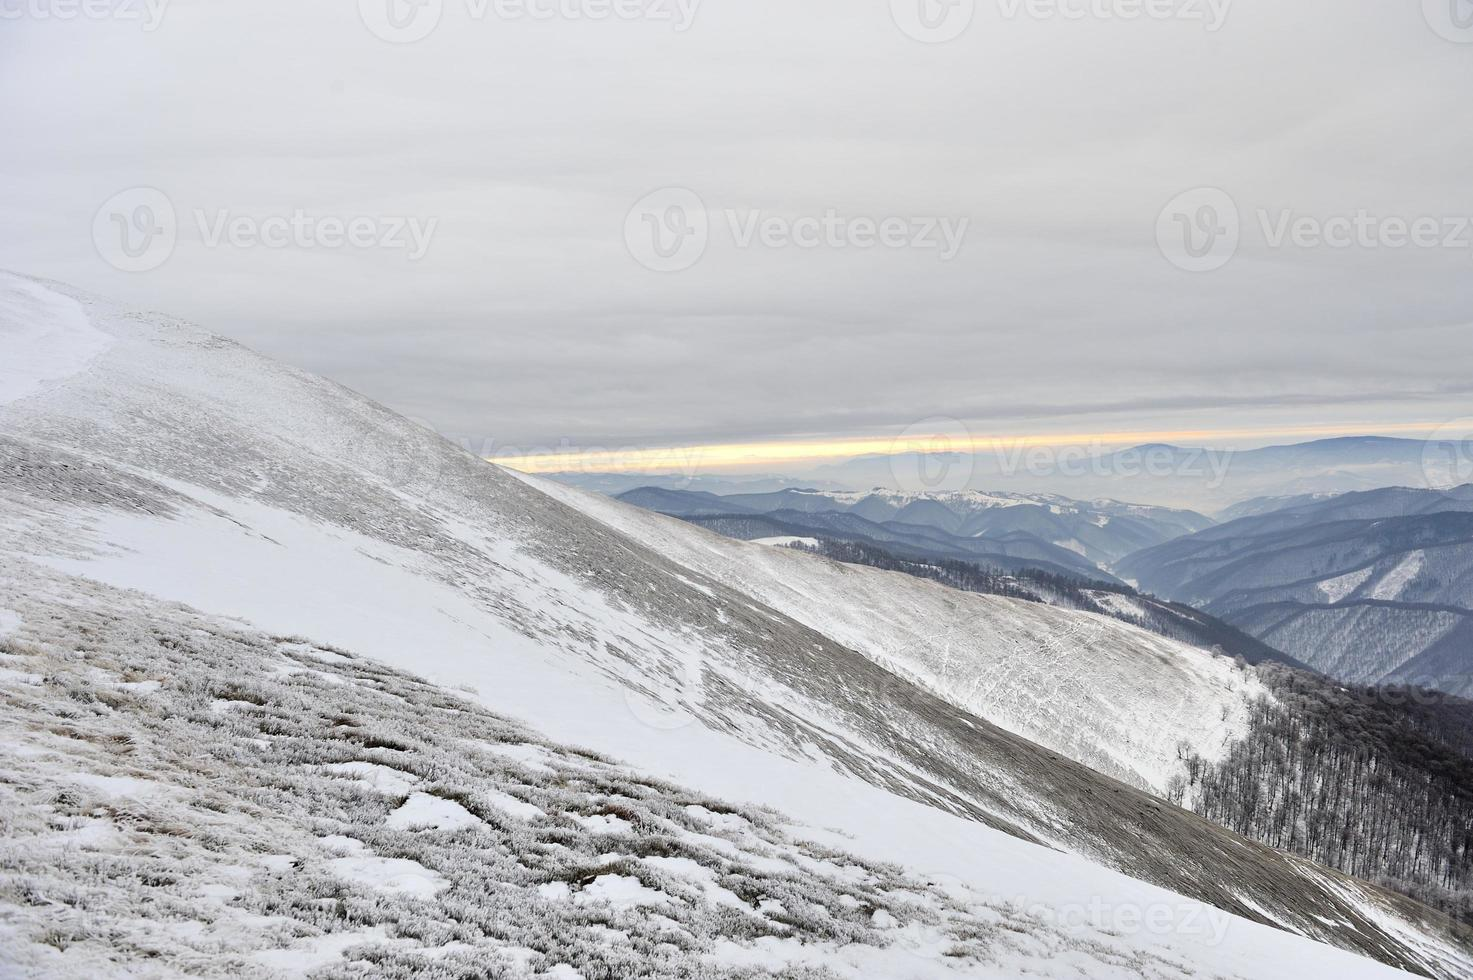 vackert vinterlandskap foto